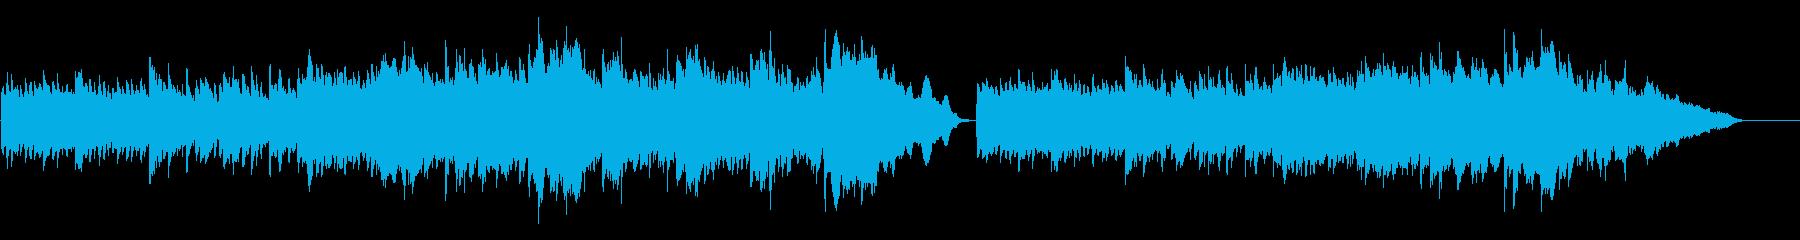 企業VP19 16bit48kHzVerの再生済みの波形